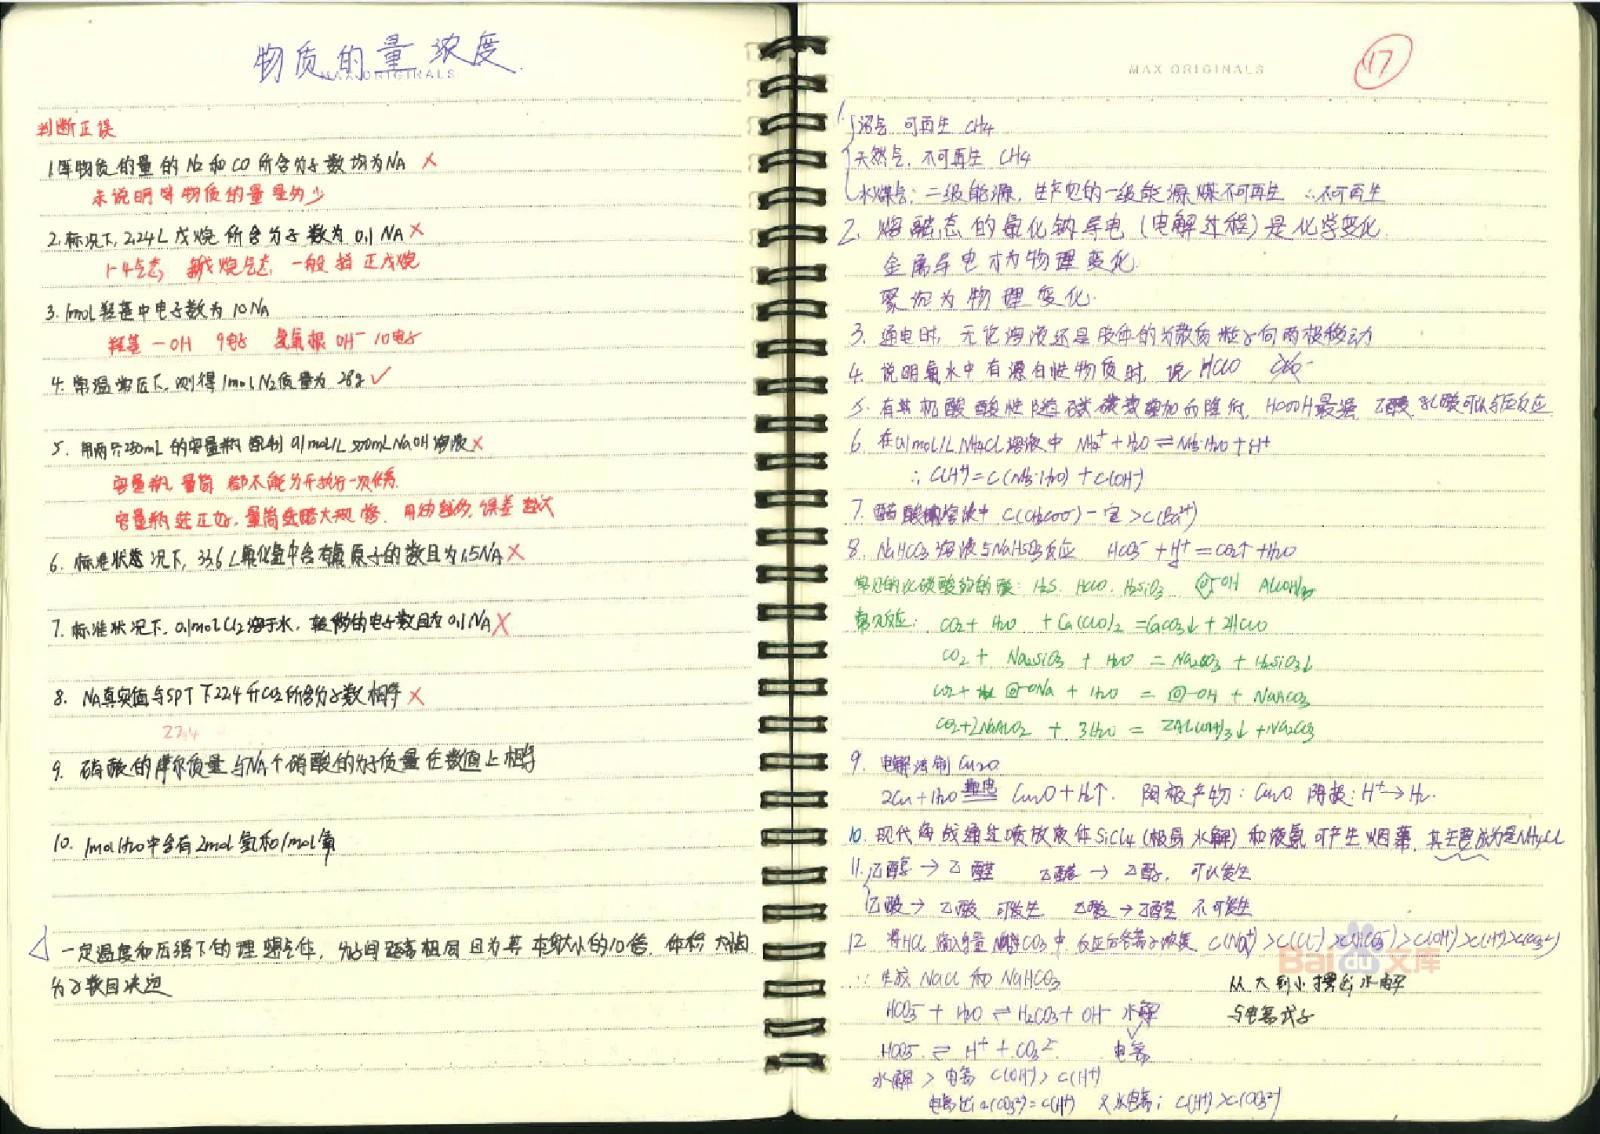 理科状元学方法_衡水中学状元手写笔记[化学]高中学霸化学笔记大全_高三网